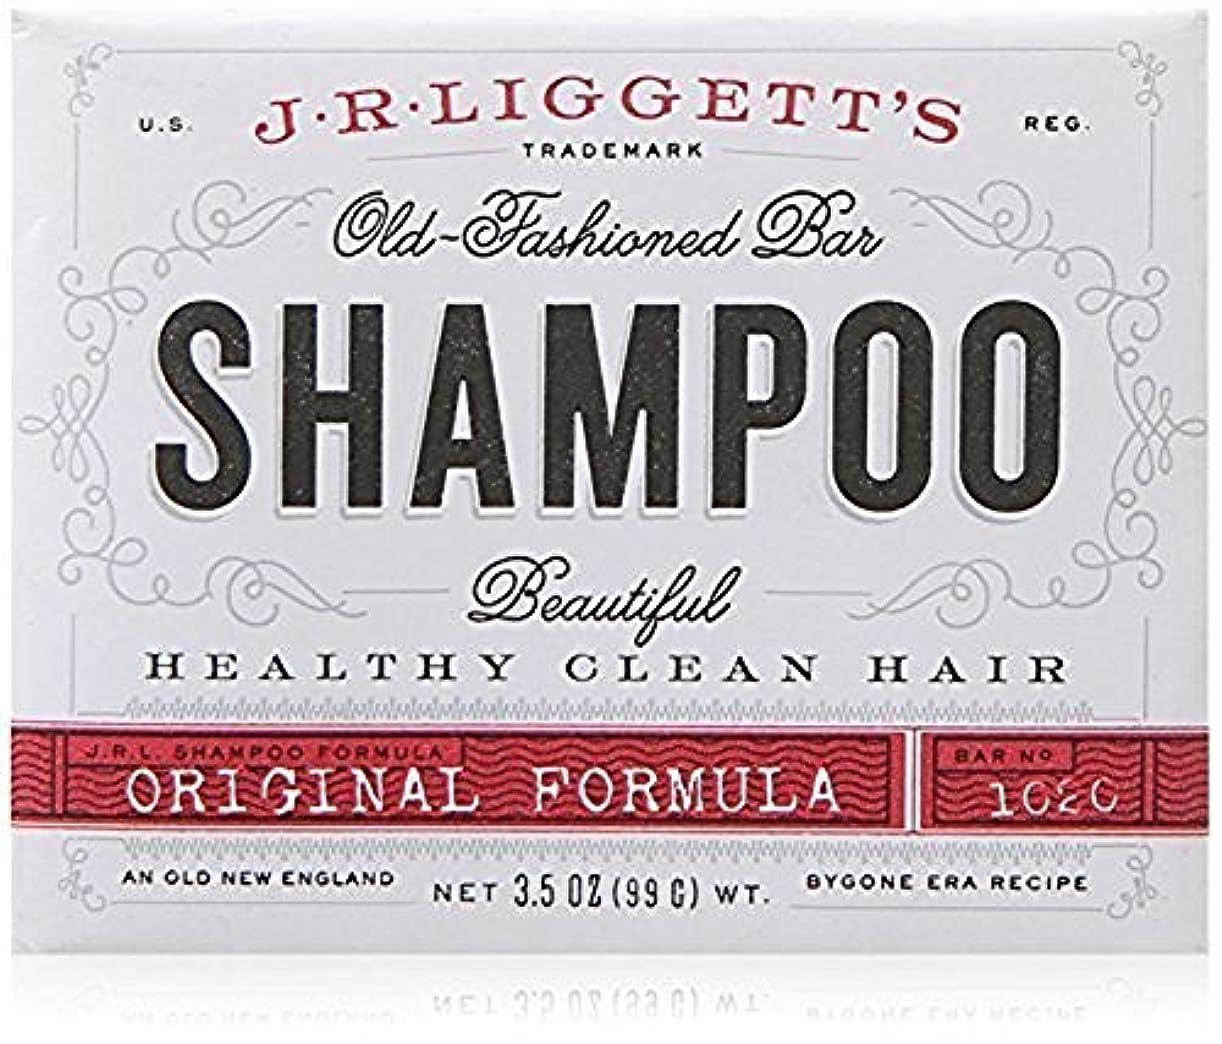 トリプル救急車アレイx J.R.Liggett's Old-Fashioned Bar Shampoo The Original Formula - 3.5 oz by J.R. Liggett